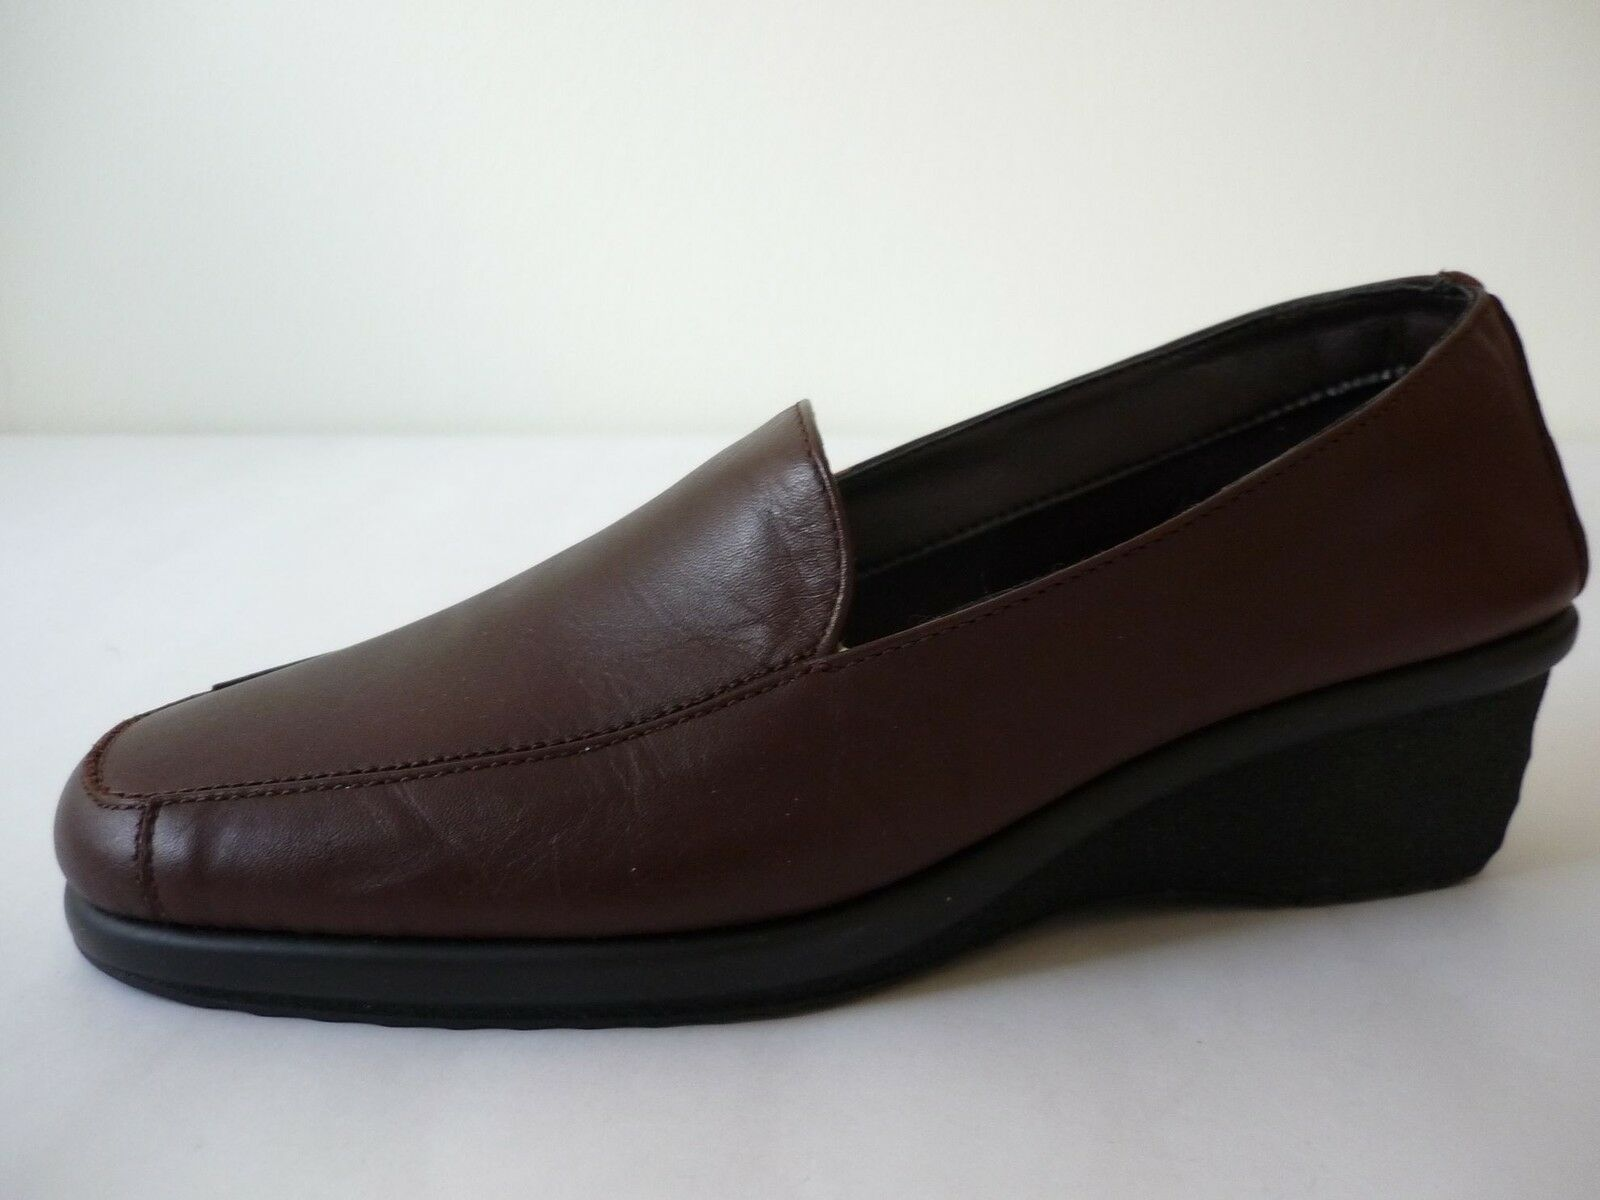 Aerosoles shoes women 36,5 (4) pelle brown shoes Basse